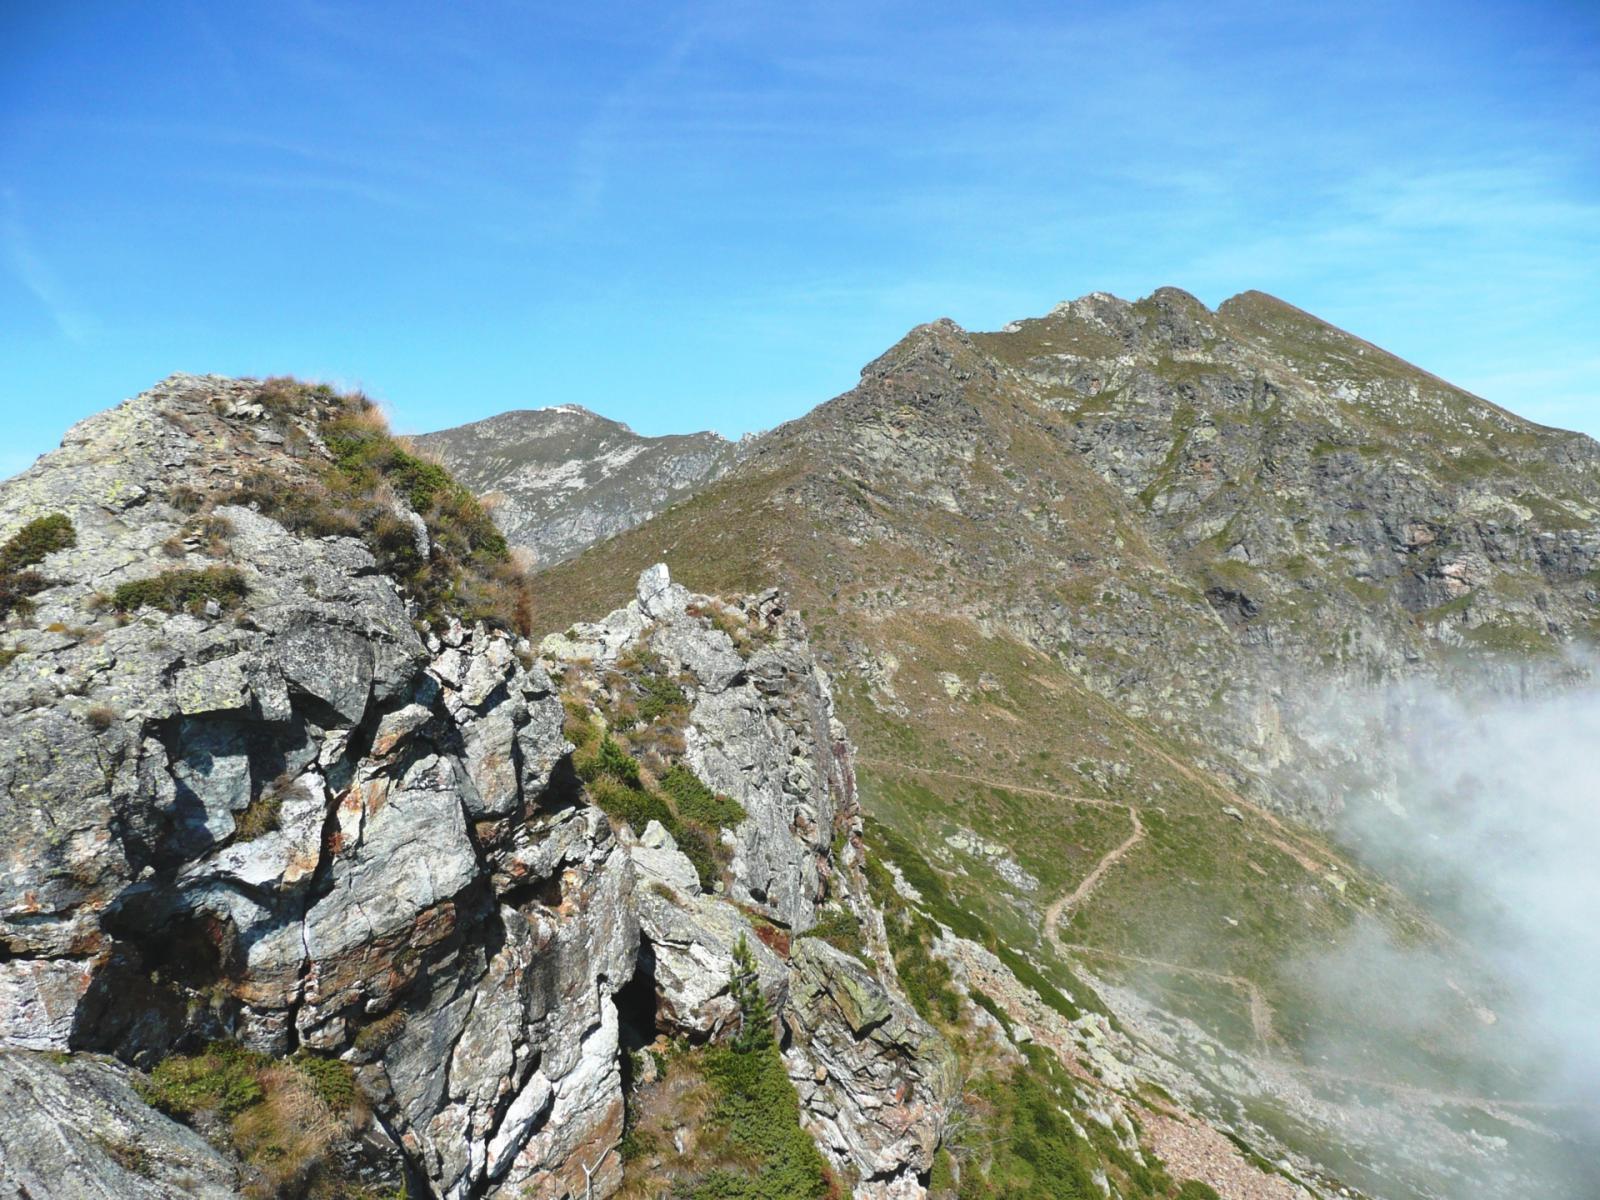 gli ultimi tornanti del Colle della Gragliasca, la Punta Gragliasca, la Pietra Bianca ed in primo piano i caratteristici torrioni calcarei della cresta